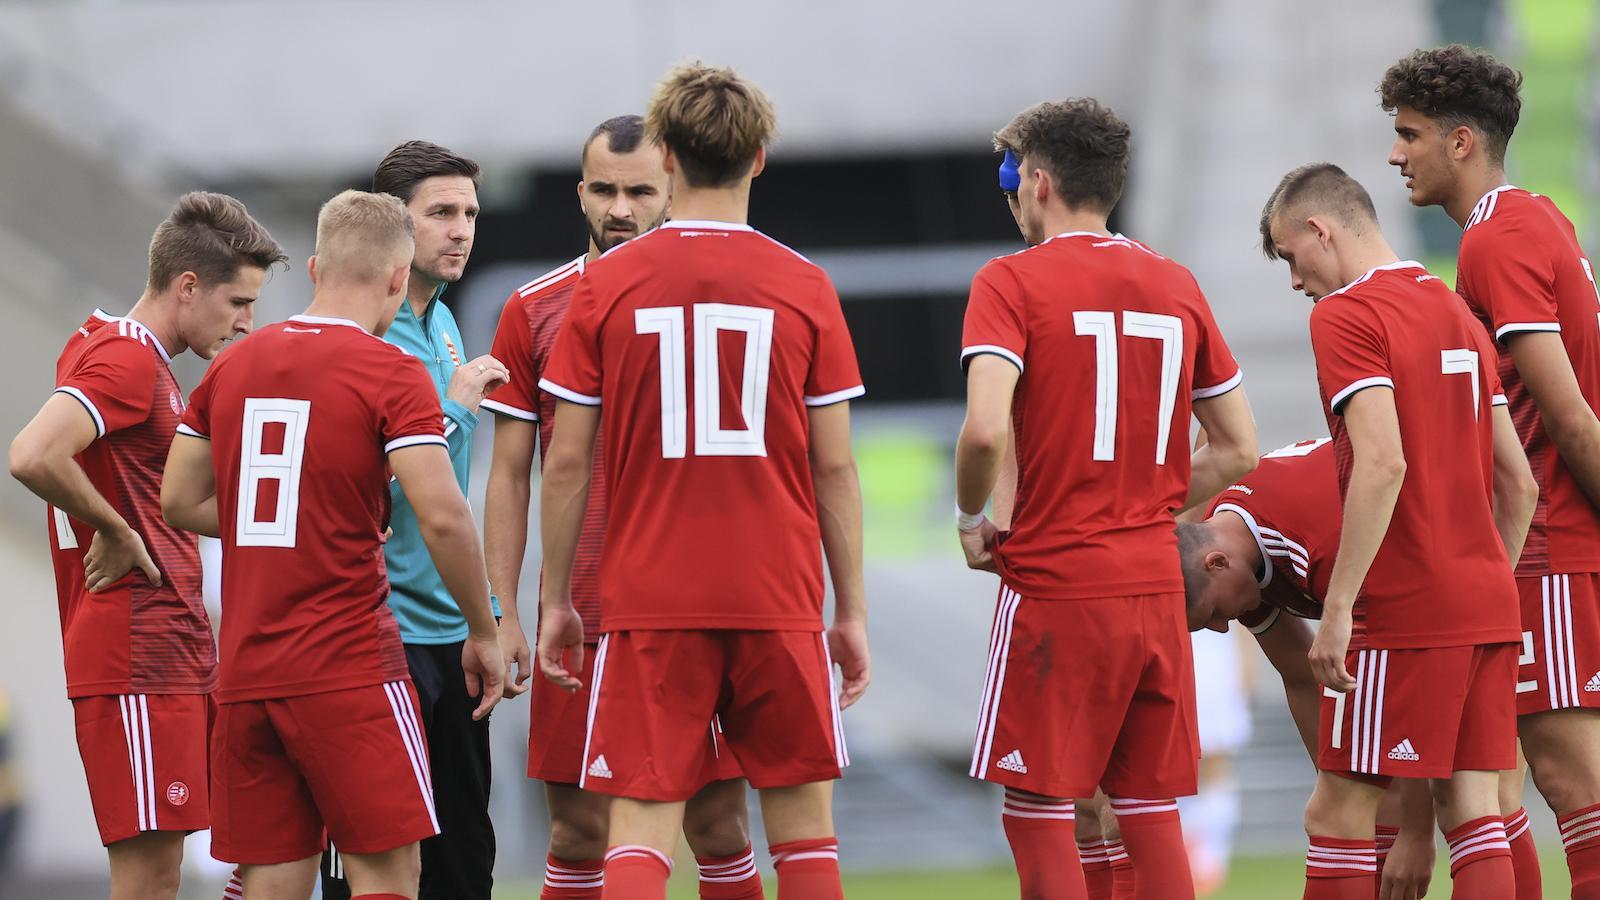 Négy játékosunk az U21-es válogatottban